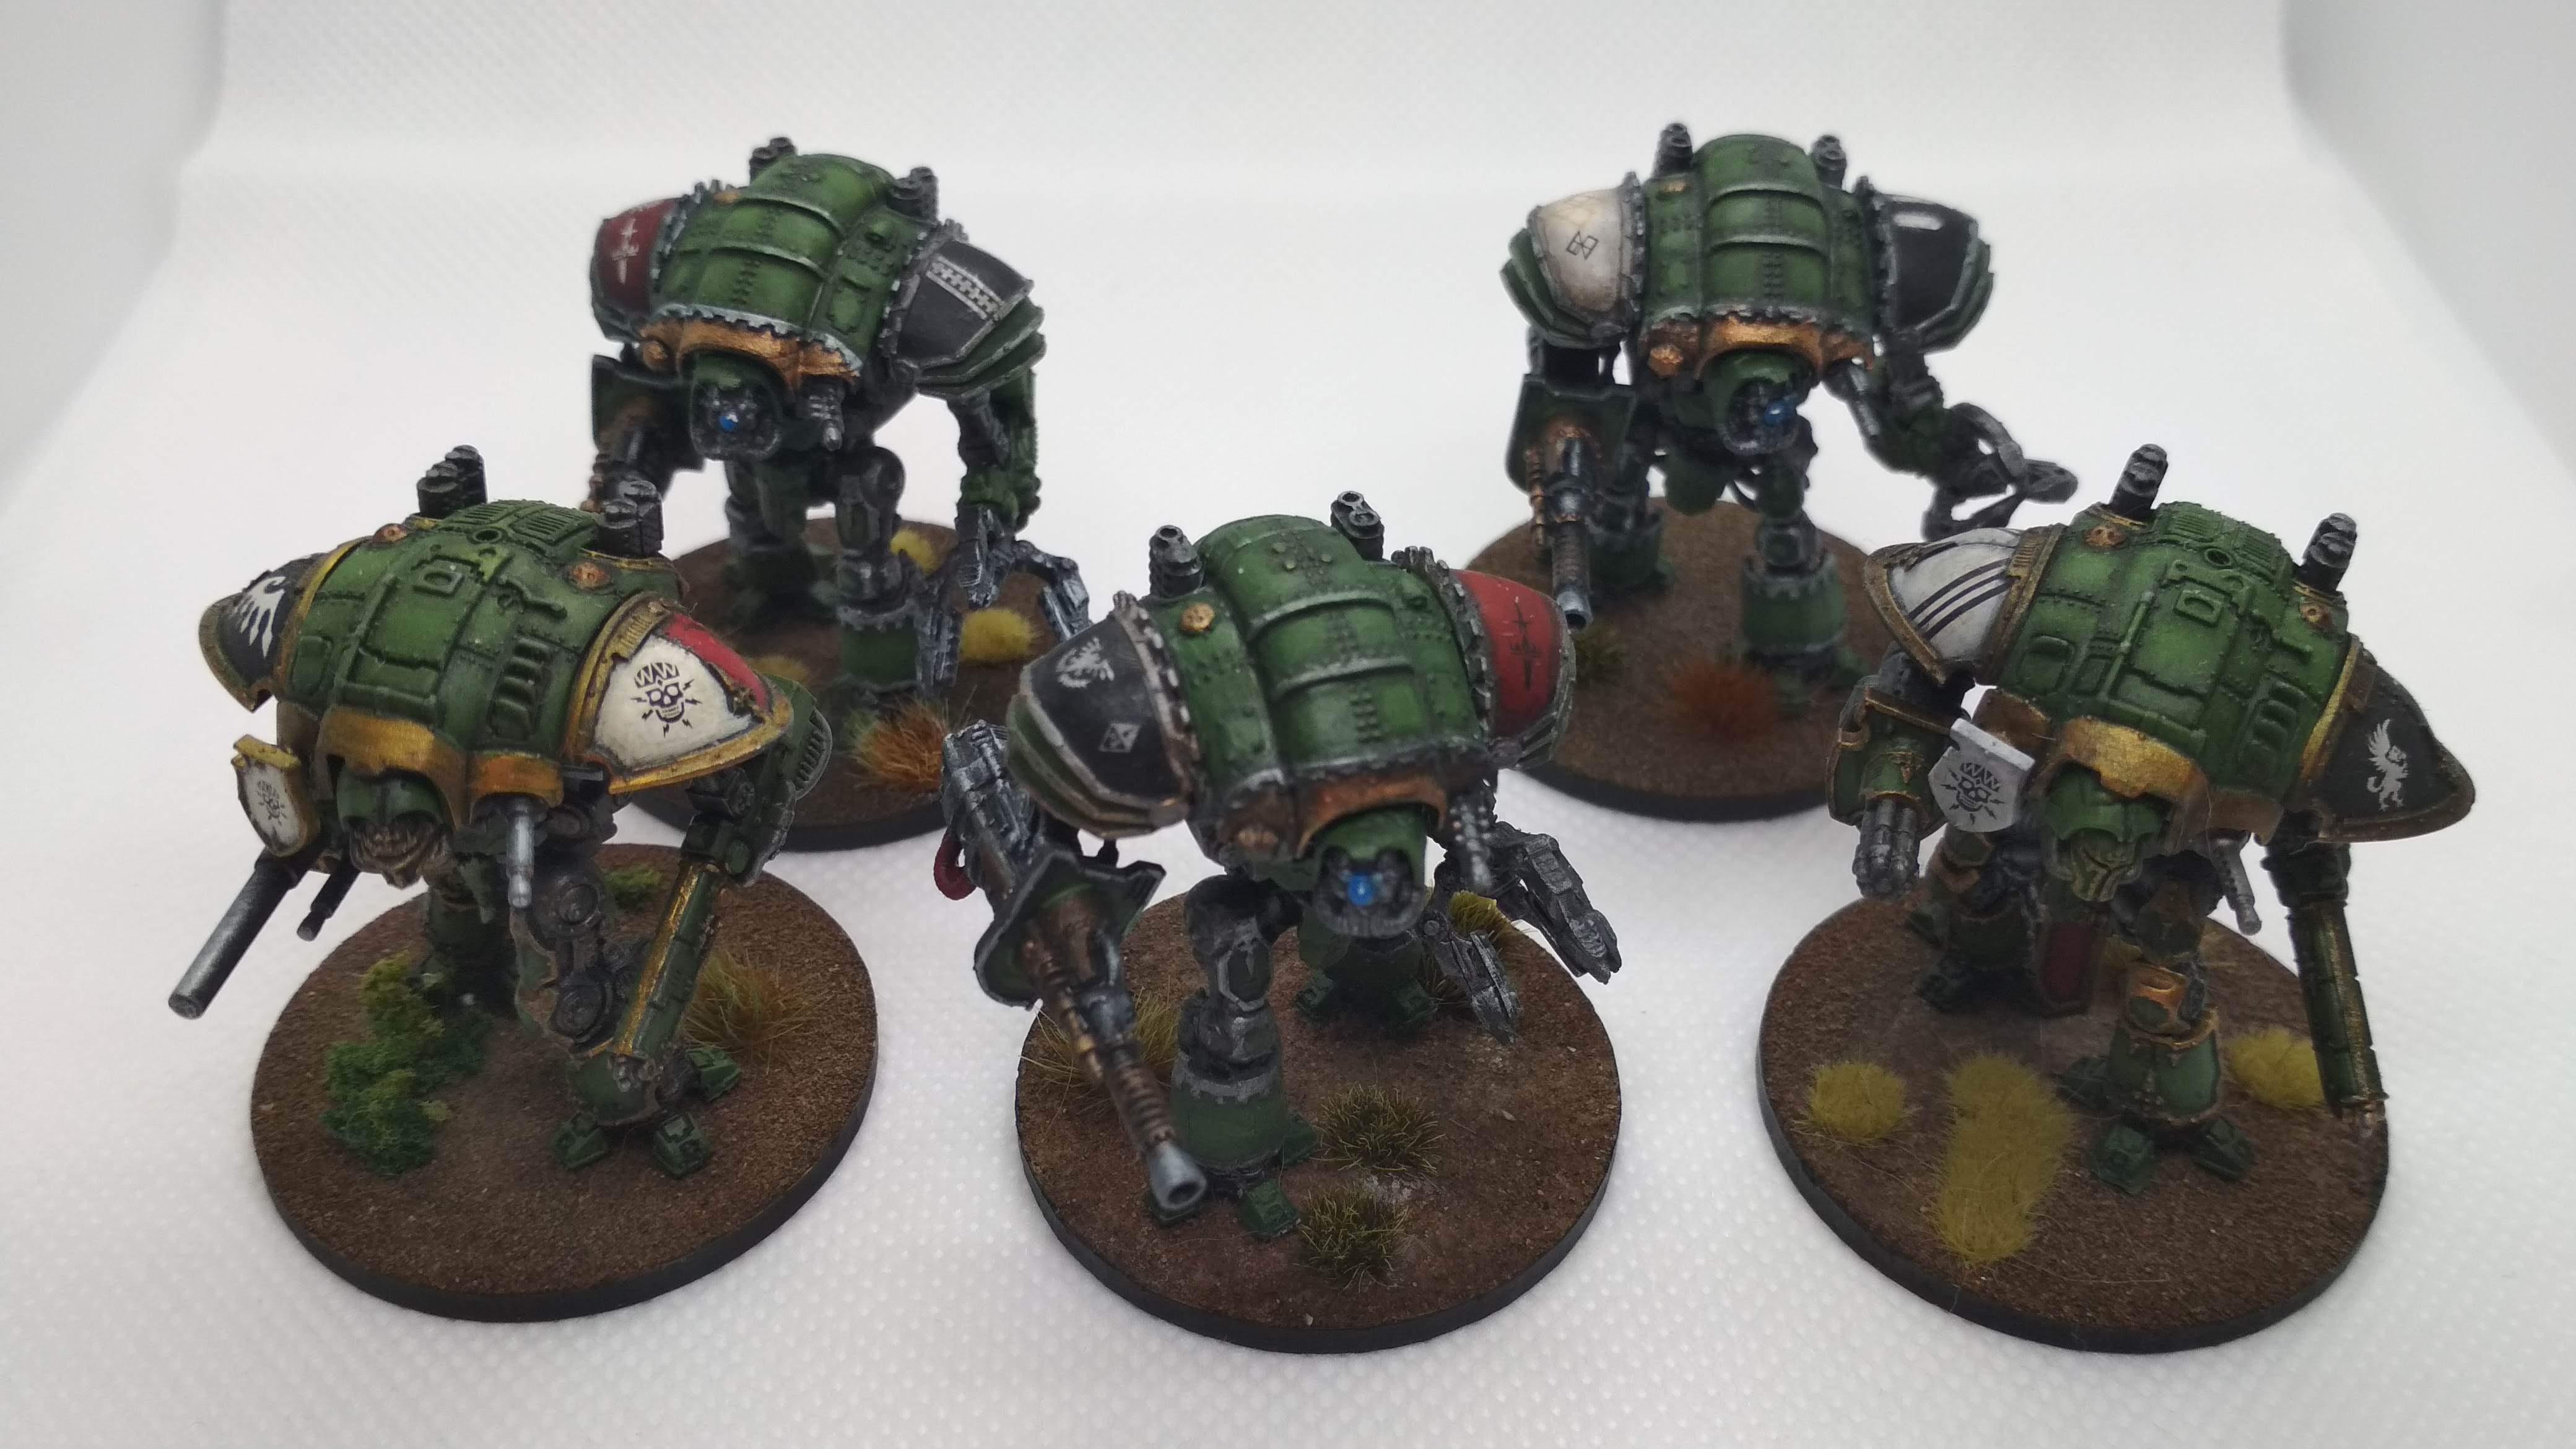 3d printed adeptus titanicus imperial knights